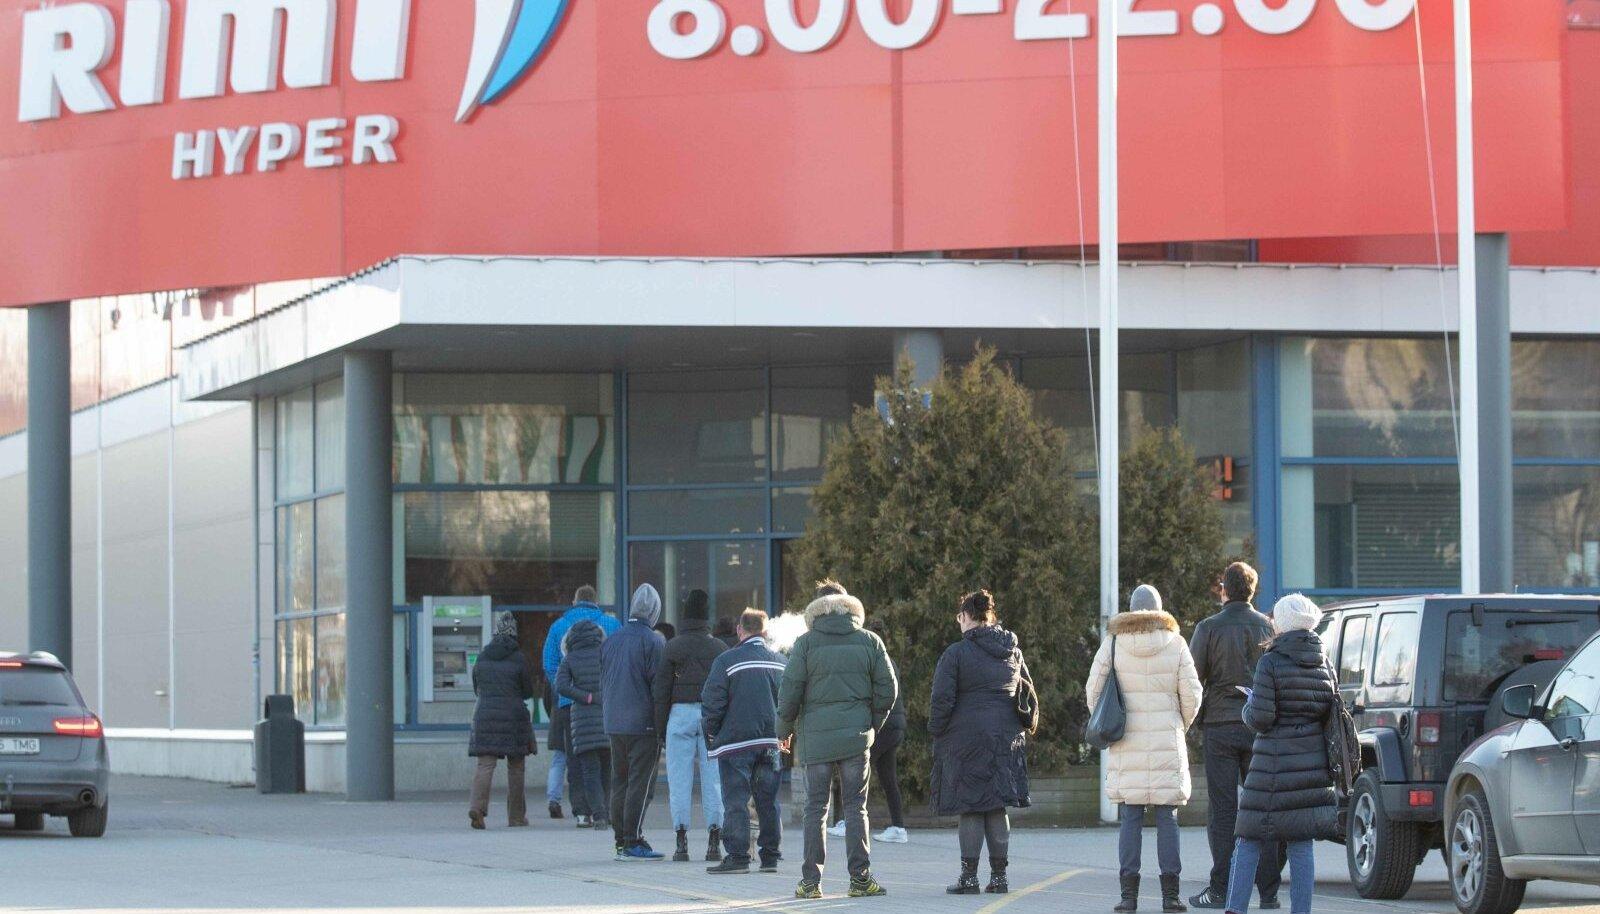 Rimi kauplus Sõpruse puiesteel. Foto on illustratiivne.